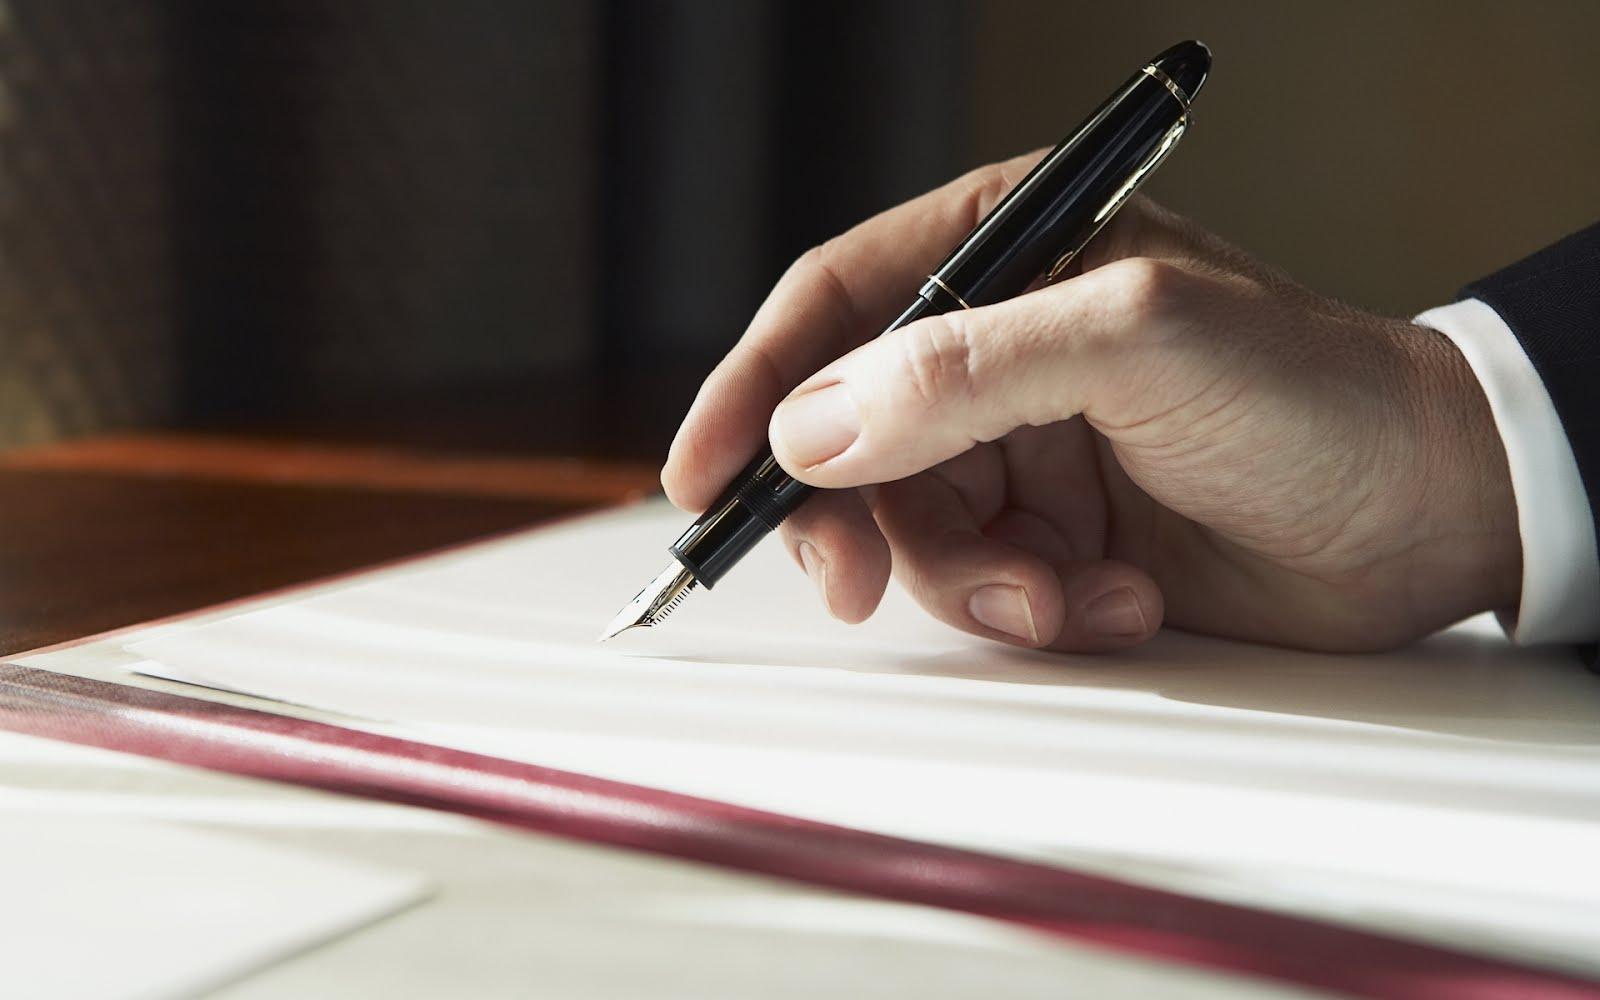 Какой срок действия доверенности - если срок действия в доверенности не указан